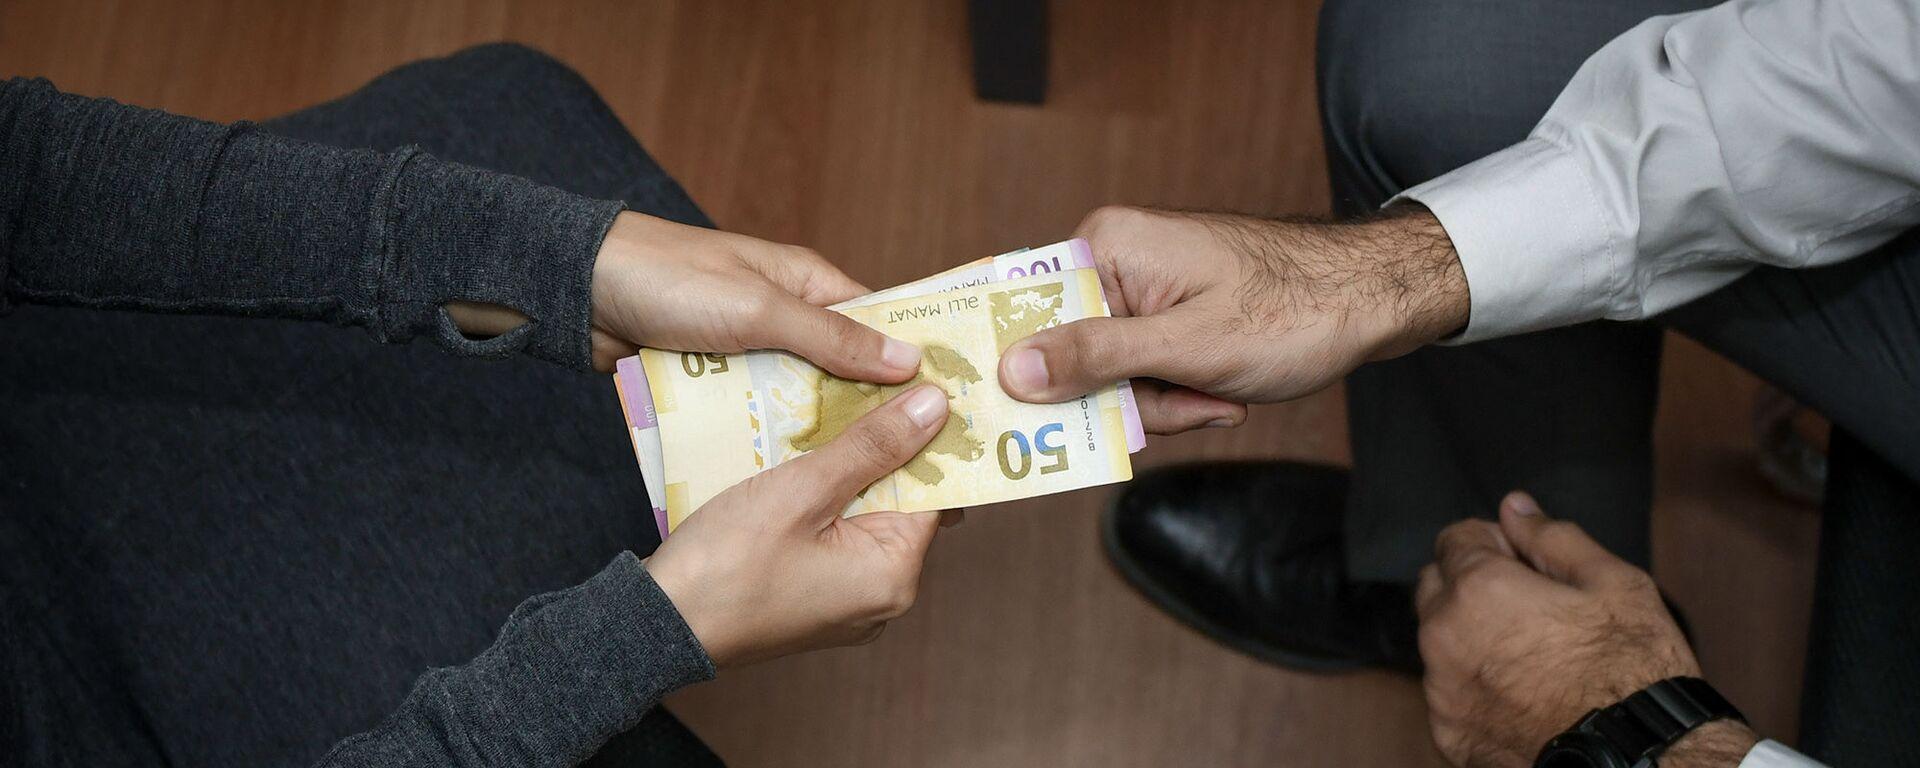 Передача денег из рук в руки, фото из архива - Sputnik Азербайджан, 1920, 31.01.2021